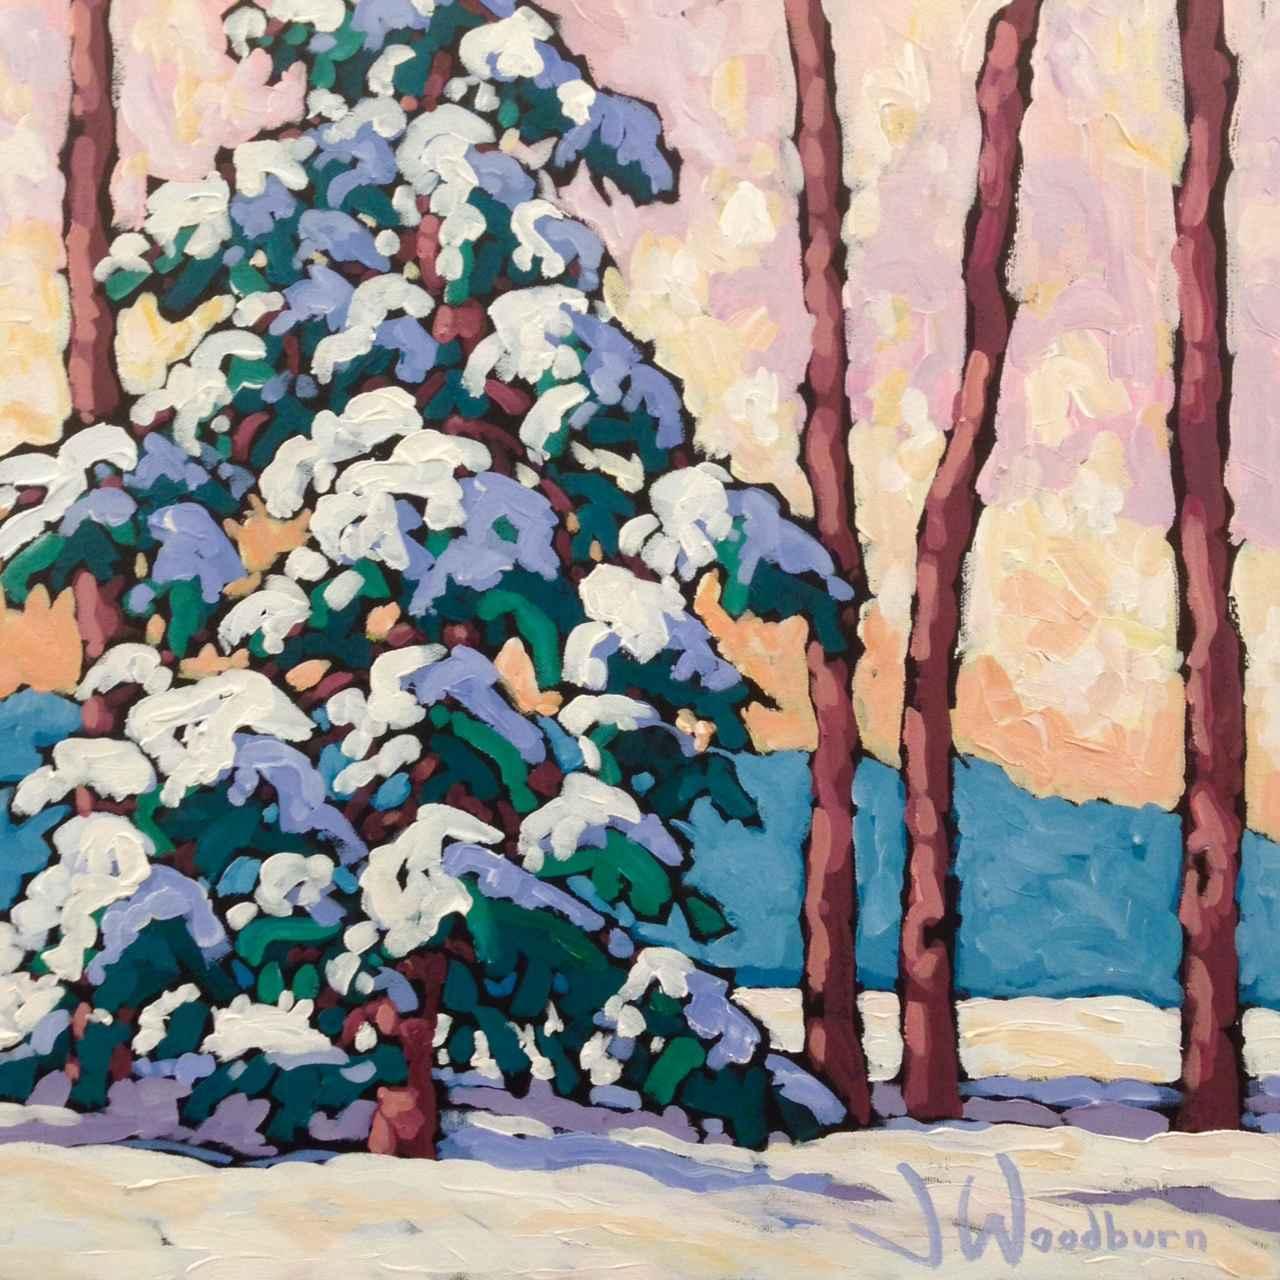 Winter Fir II by Ms Jennifer Woodburn - Masterpiece Online